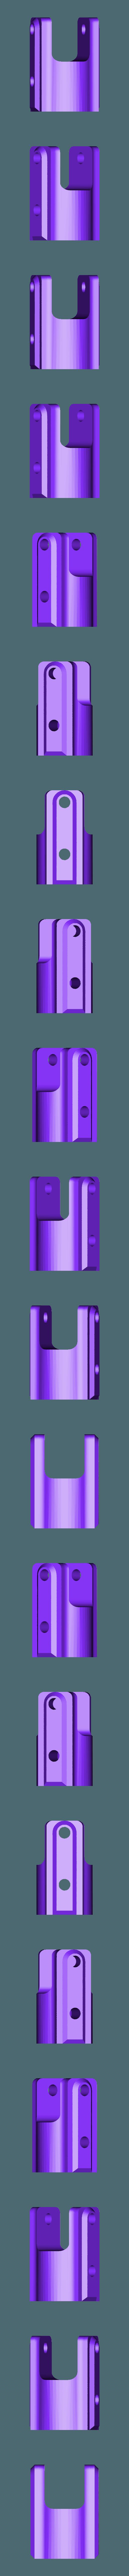 U-joint1.STL Télécharger fichier STL gratuit Camion imprimé : Arbre de transmission • Plan imprimable en 3D, MrCrankyface